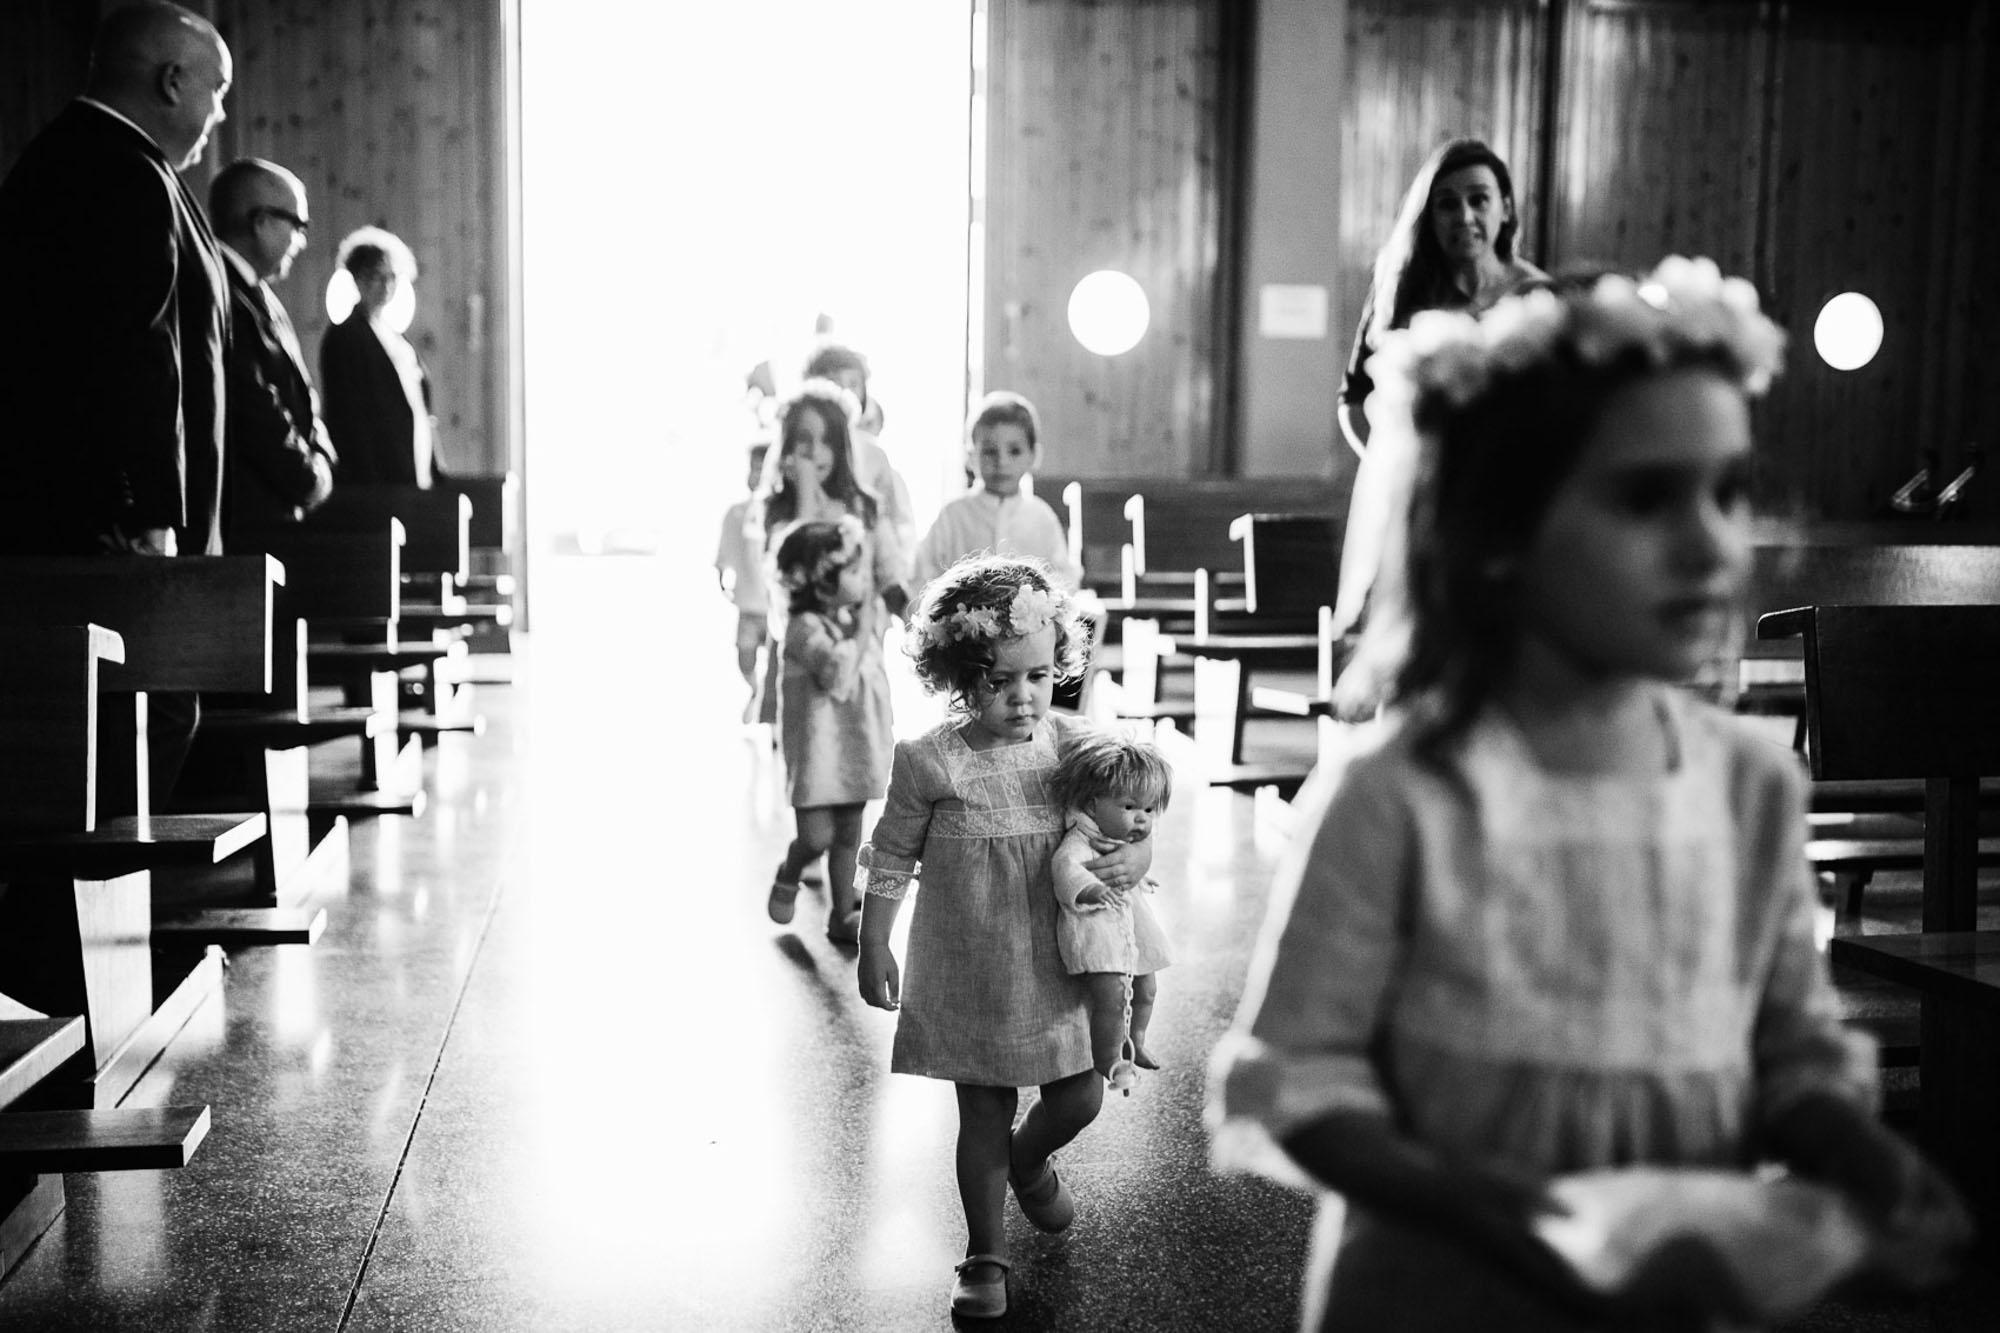 niños arras pajes pasillo coronas flores invitados iglesia cabo de palos playa fotografia